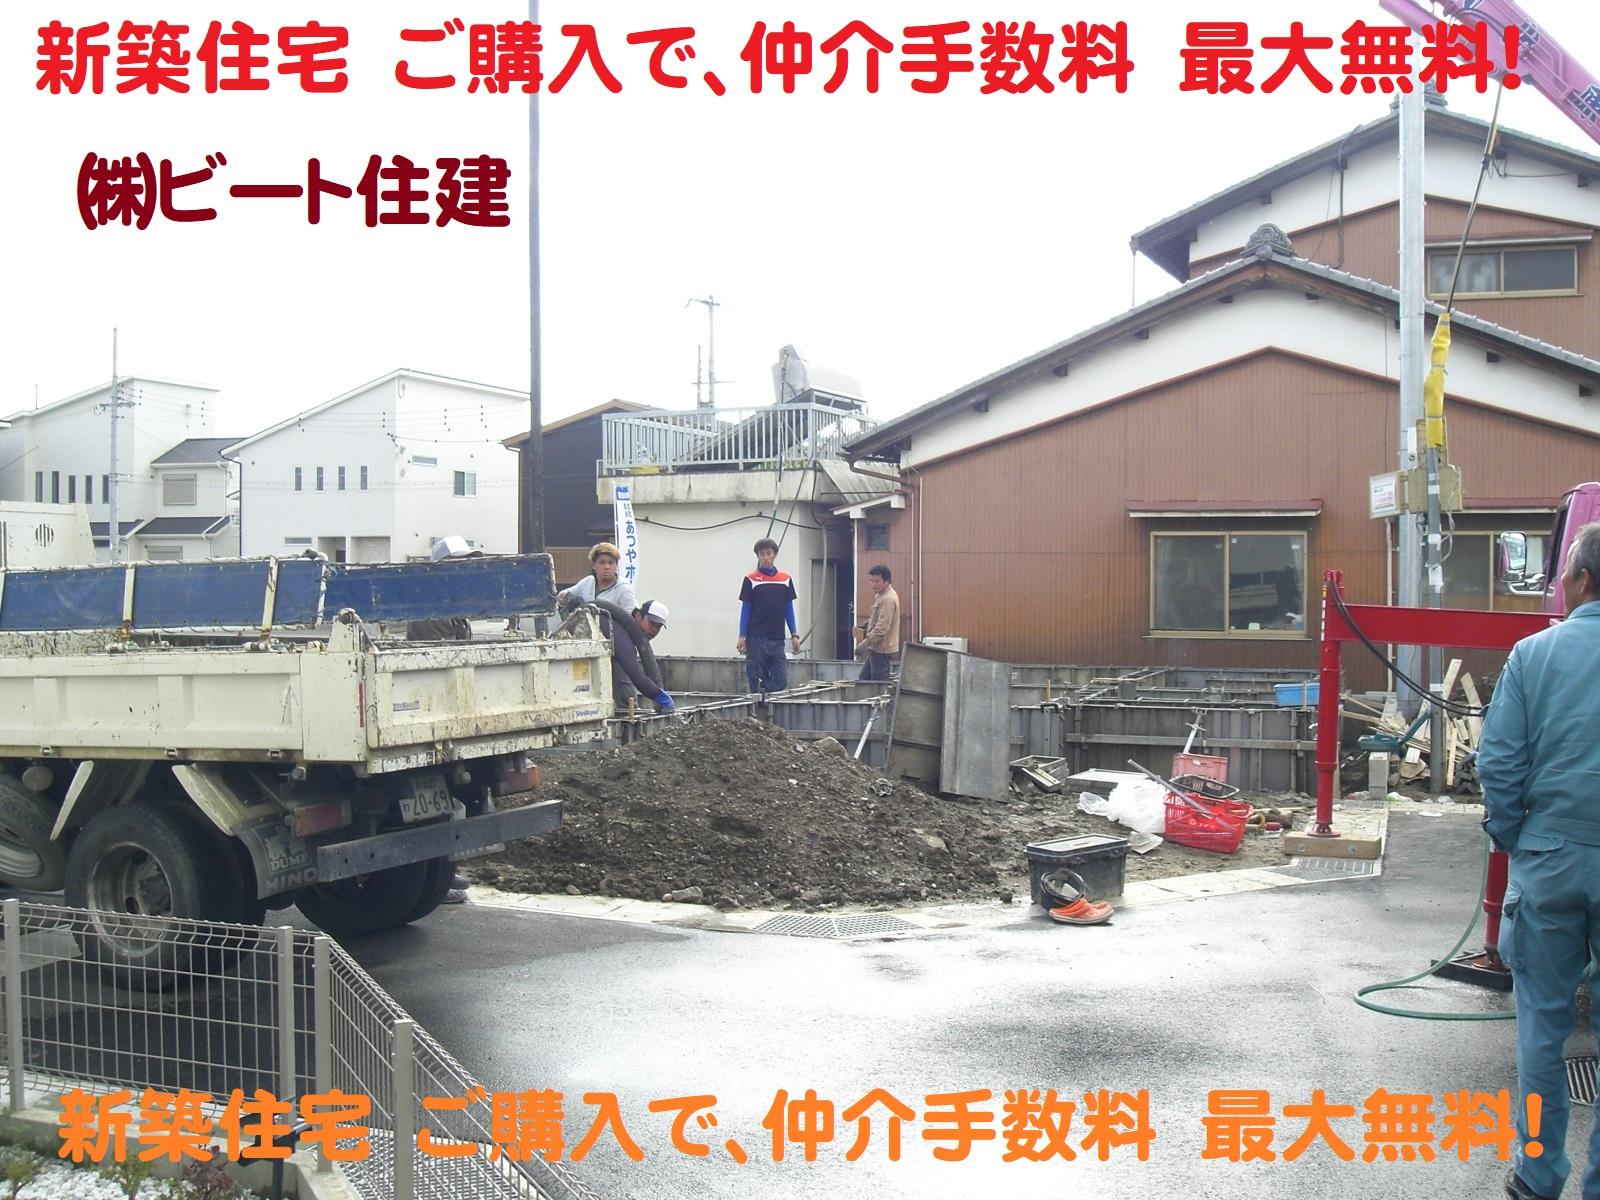 天理市 前栽町 新築 2号棟 契約終了 建物 飯田グループ 一建設 高級仕様